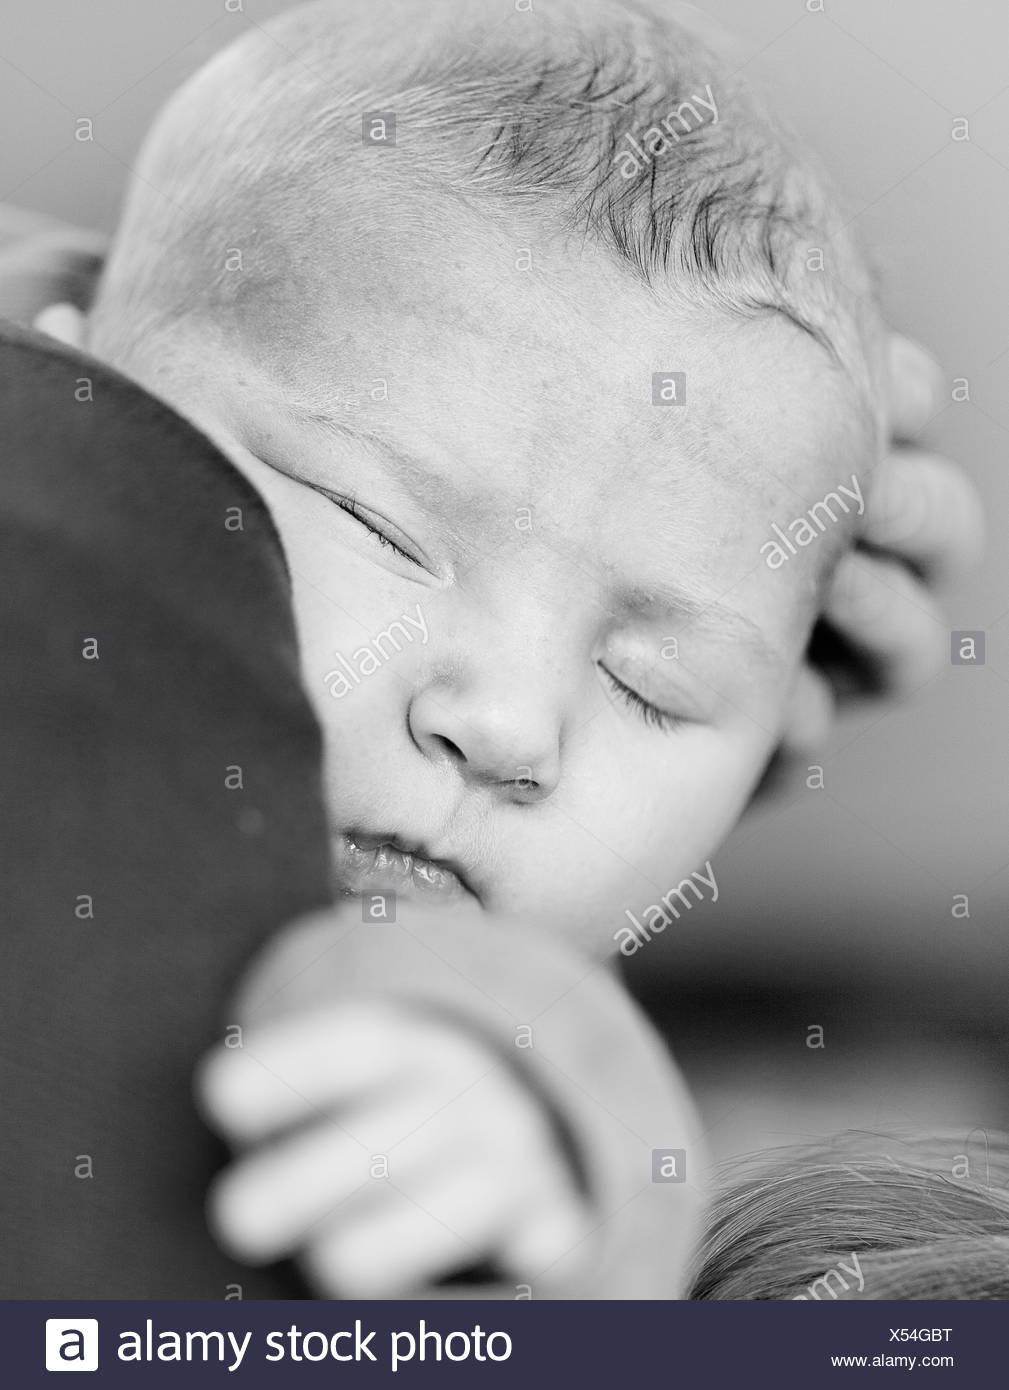 Baby Portrait - Stock Image